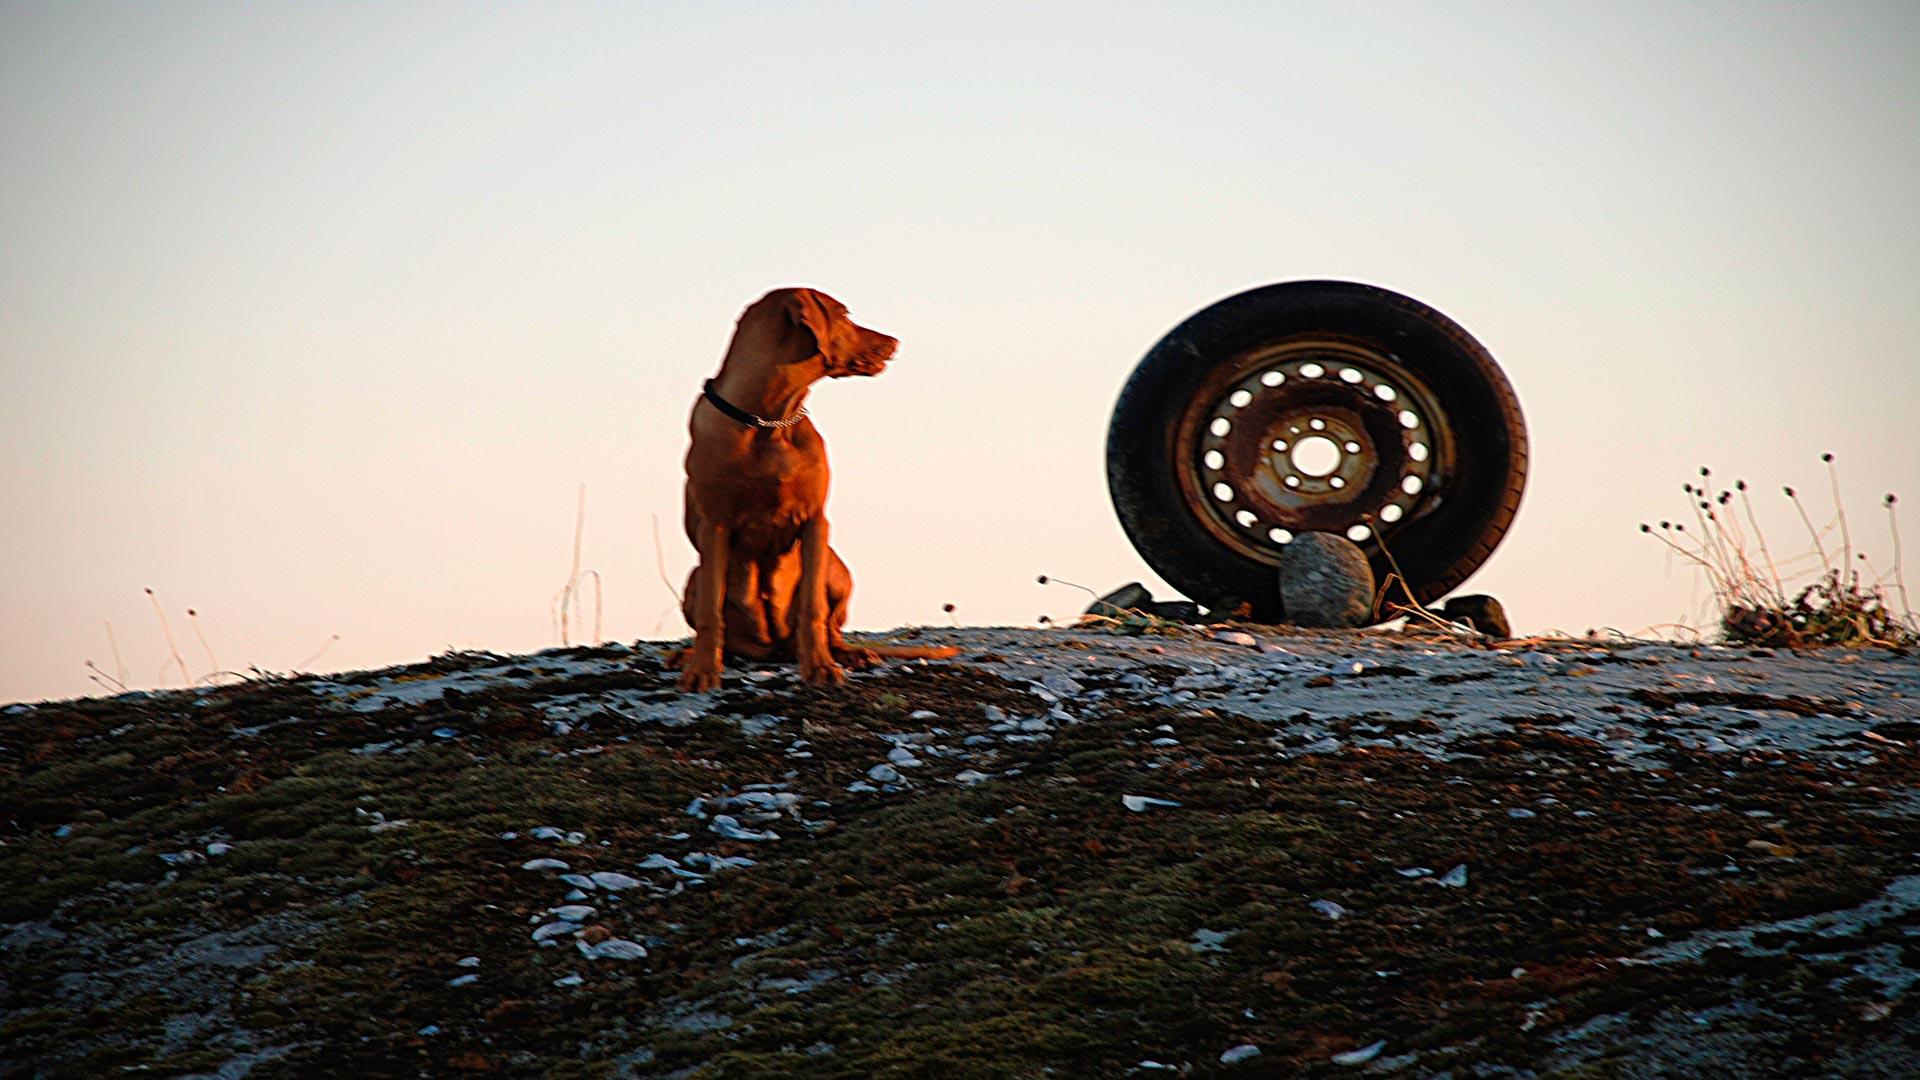 La irresistible atracción que sienten los perros por las ruedas-1920